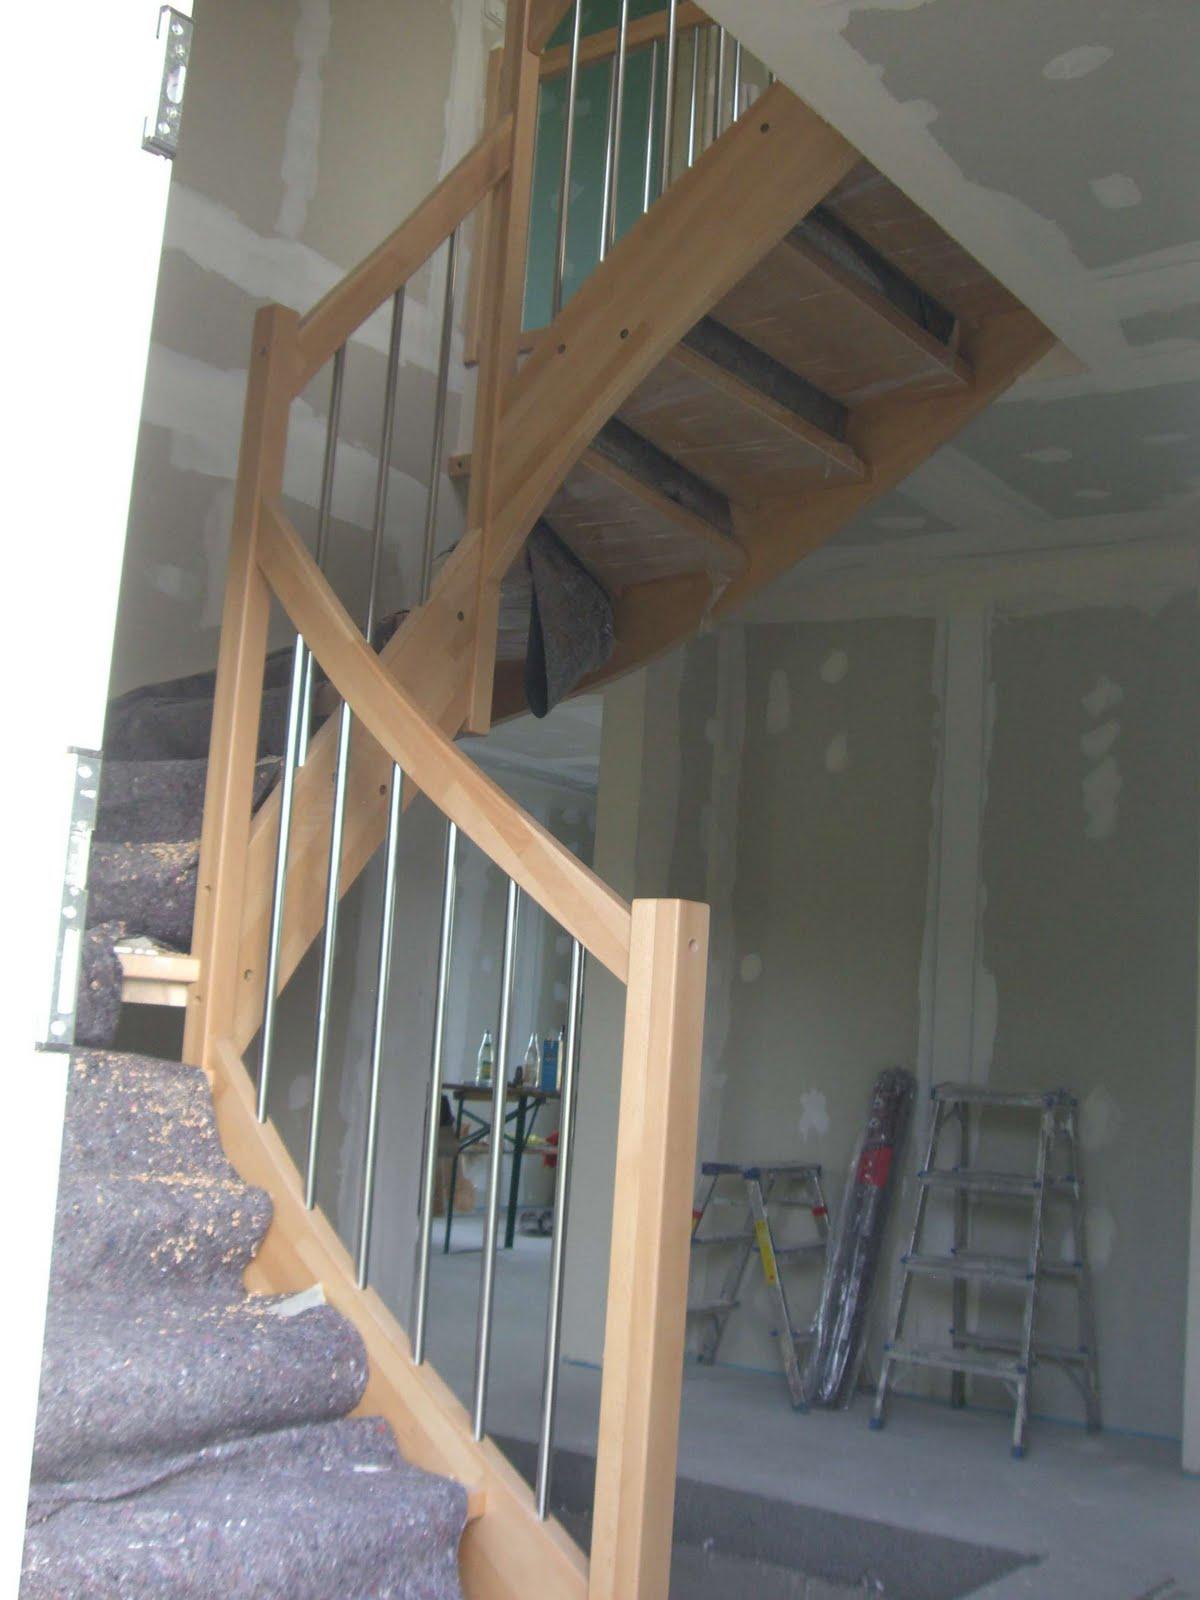 christian susi bauen ein haus mit danwood die treppe mit und ohne gel nder. Black Bedroom Furniture Sets. Home Design Ideas